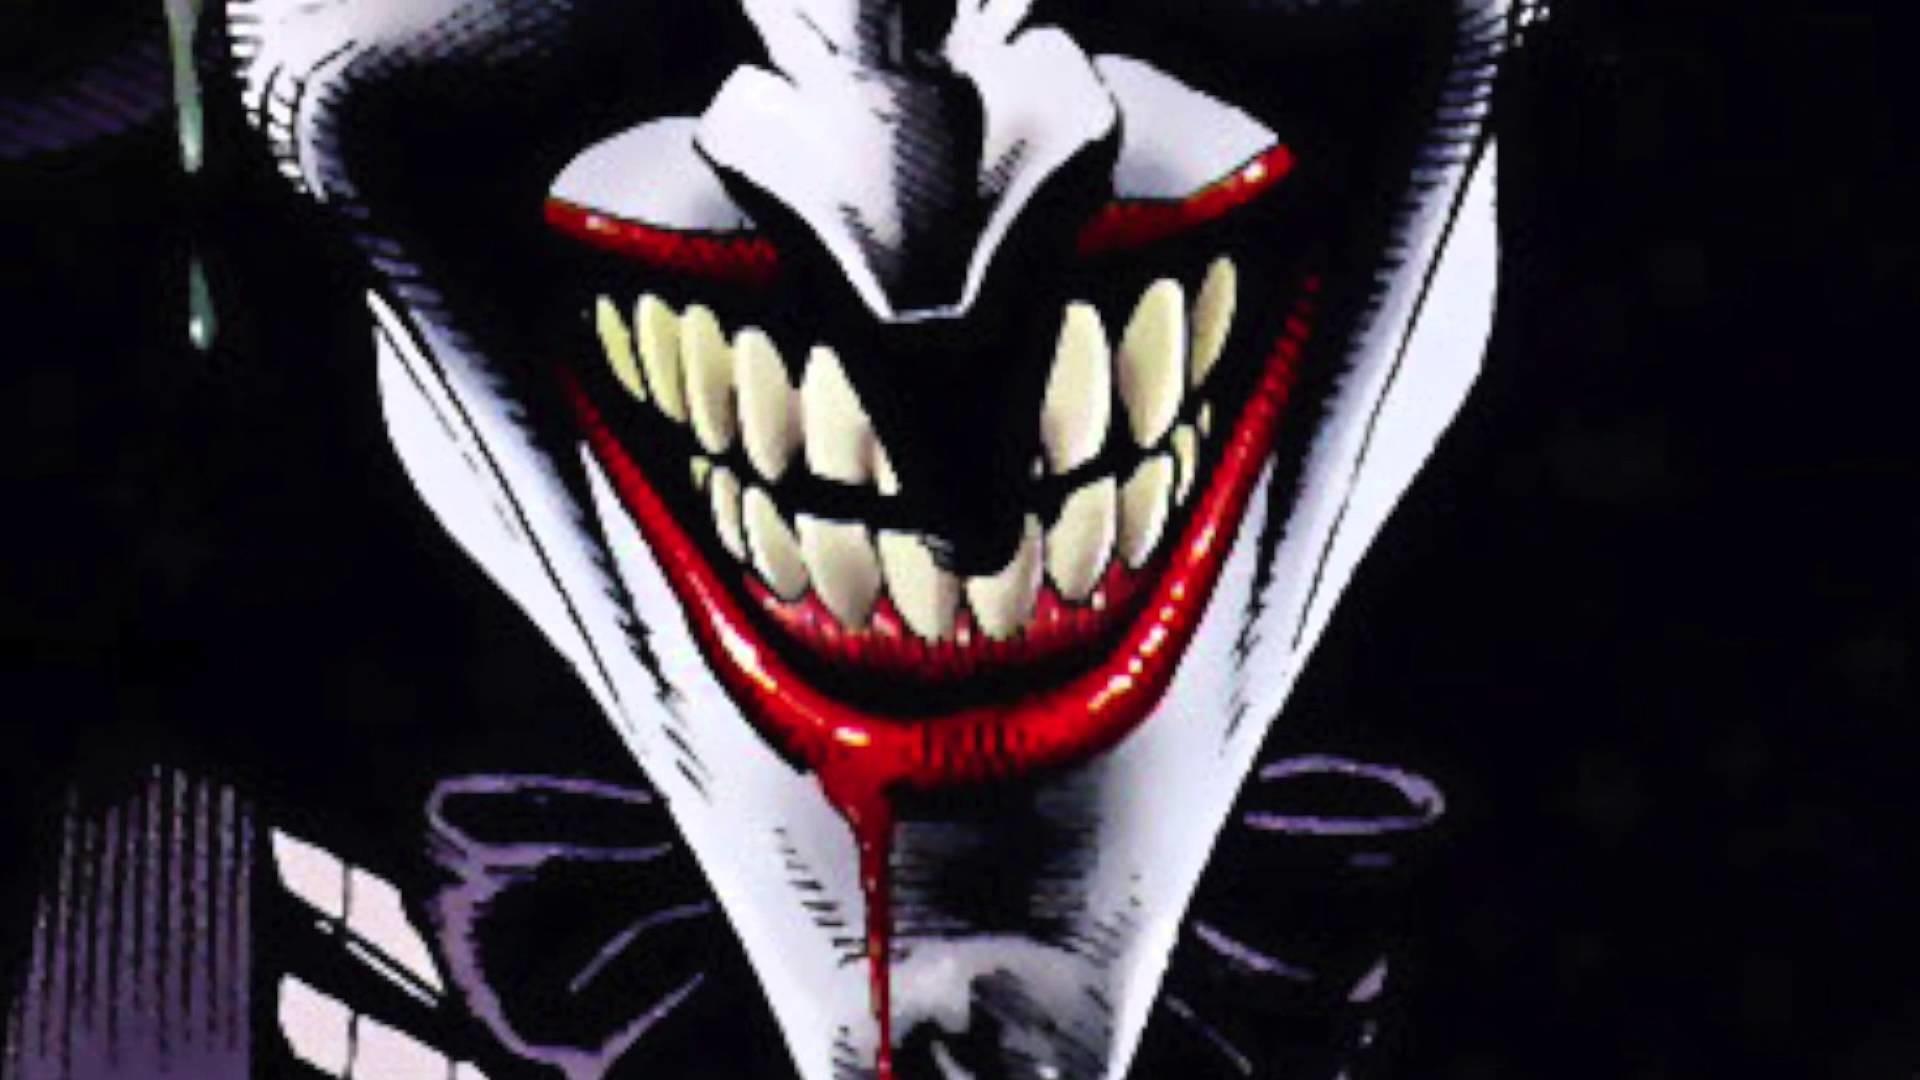 The Killing Joke Trailer